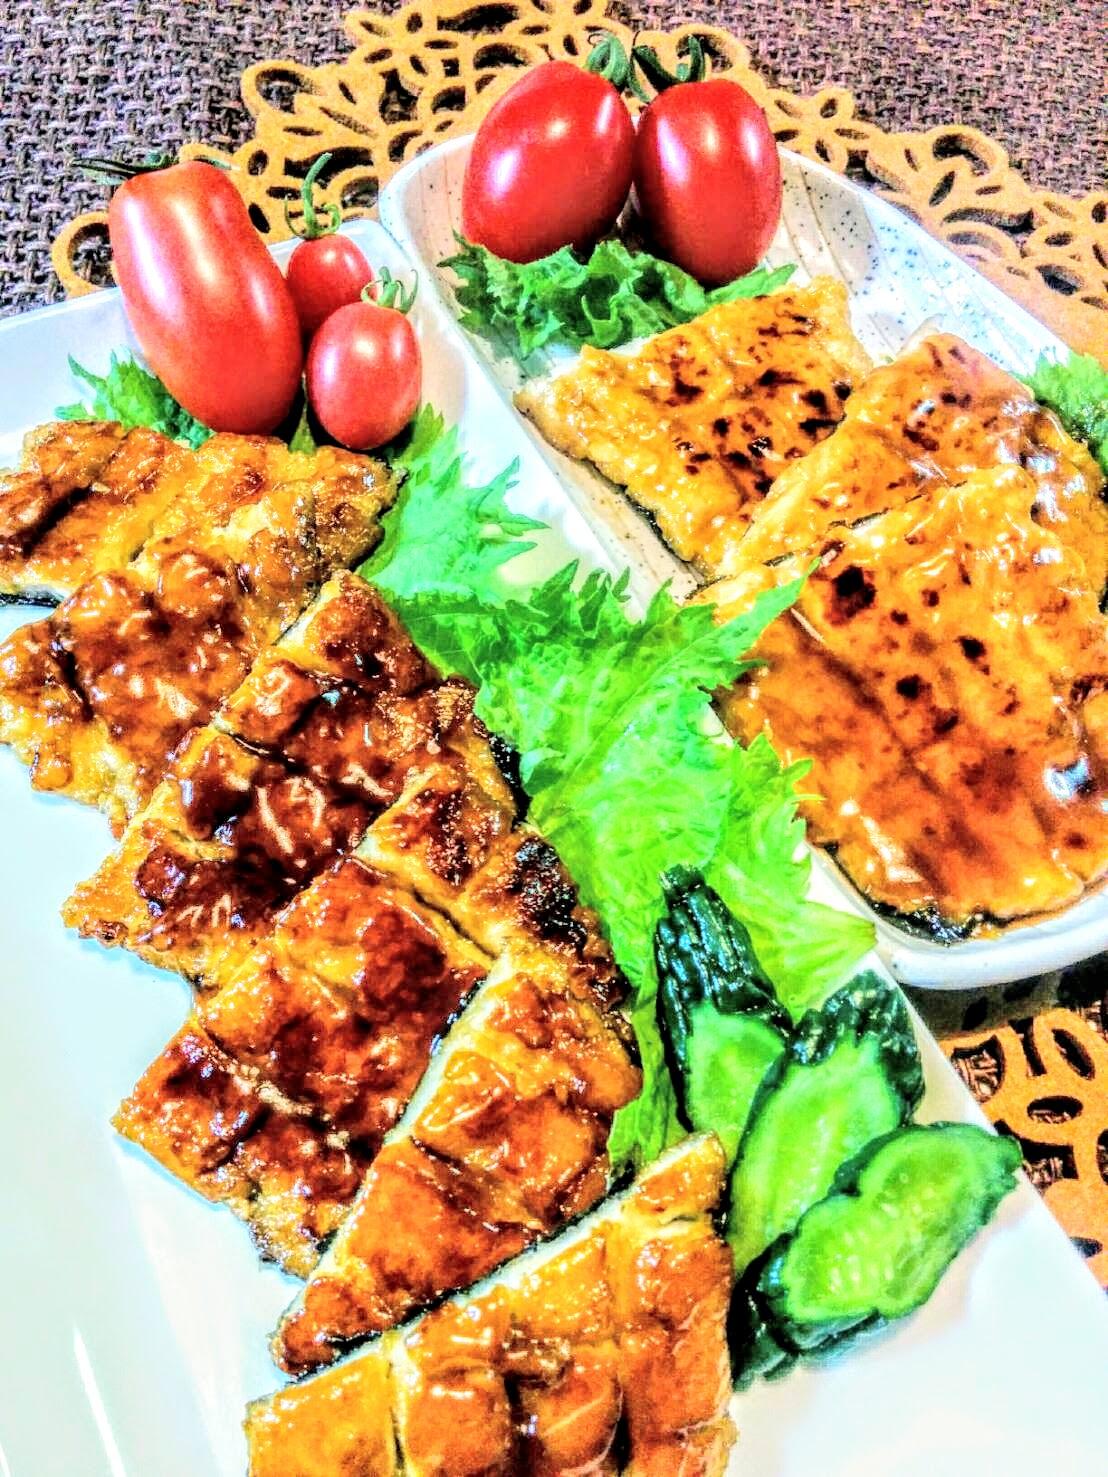 【小樽】お家御飯・豆腐で作ったナンチャッテ鰻グルメ案内です。